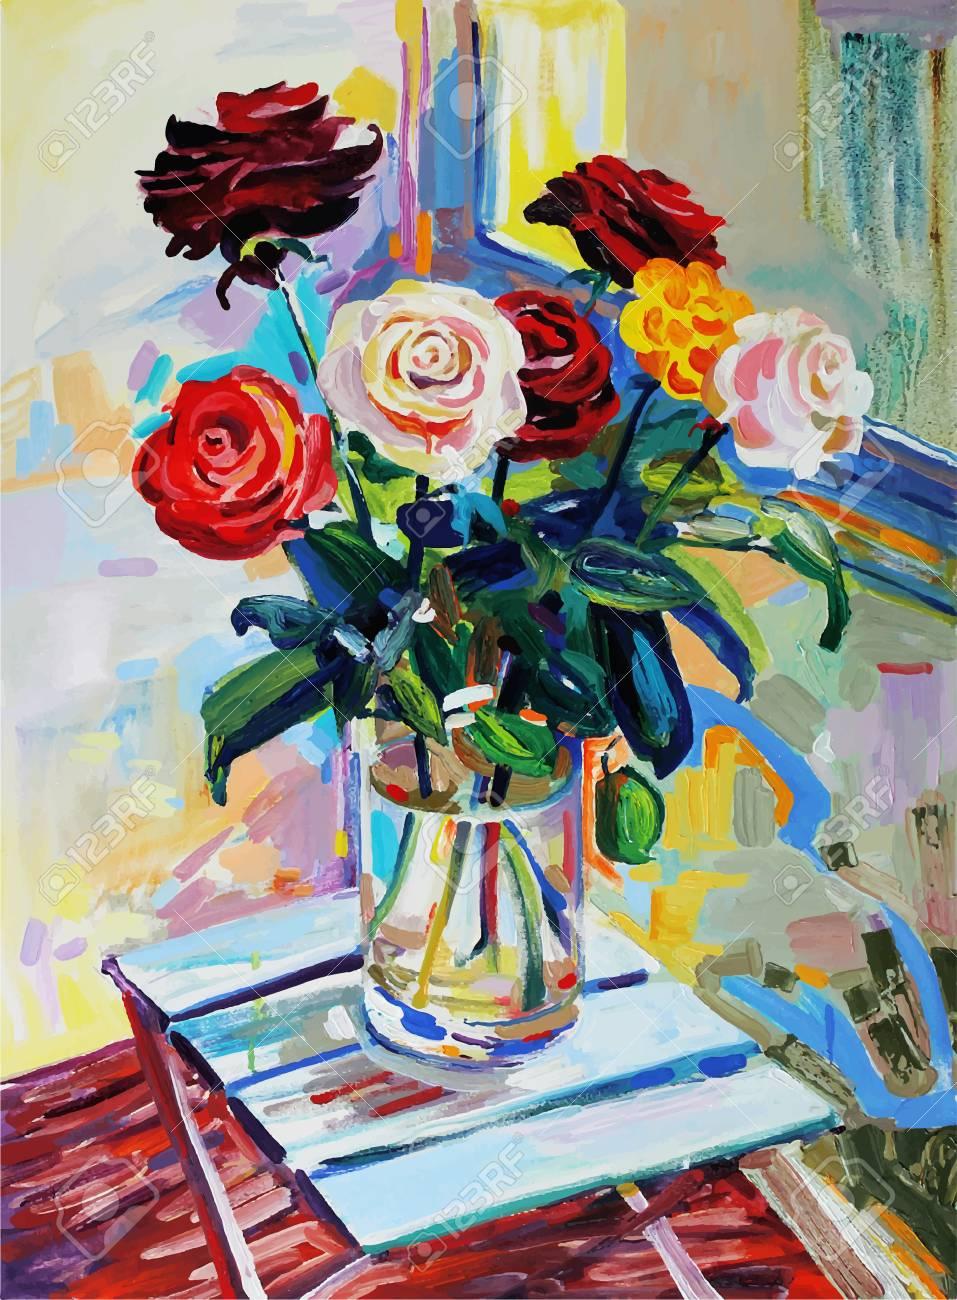 Unusual Original Art Composition Of Roses Bouquet Flower Autotrace